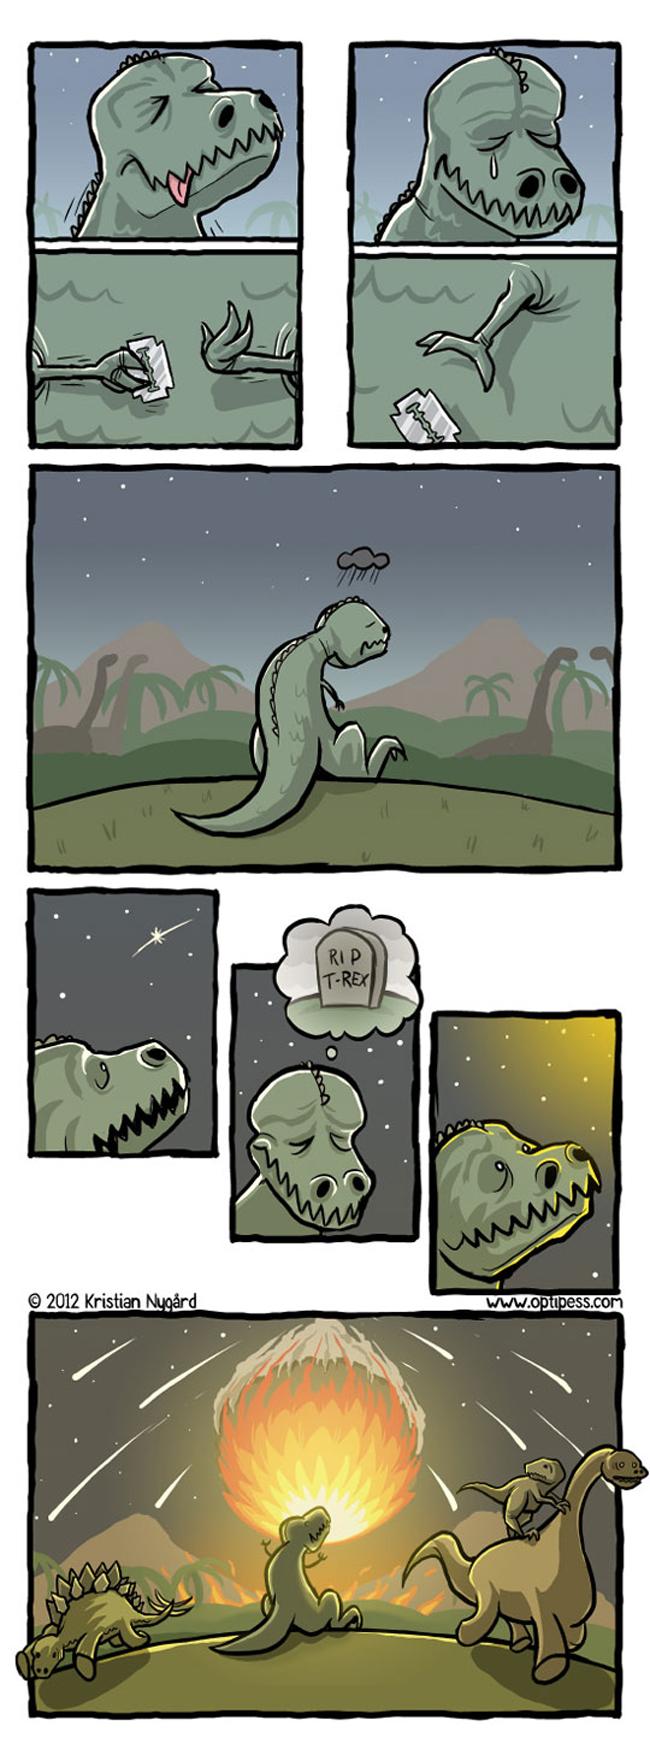 satirinhas-t-rex-quer-morrer